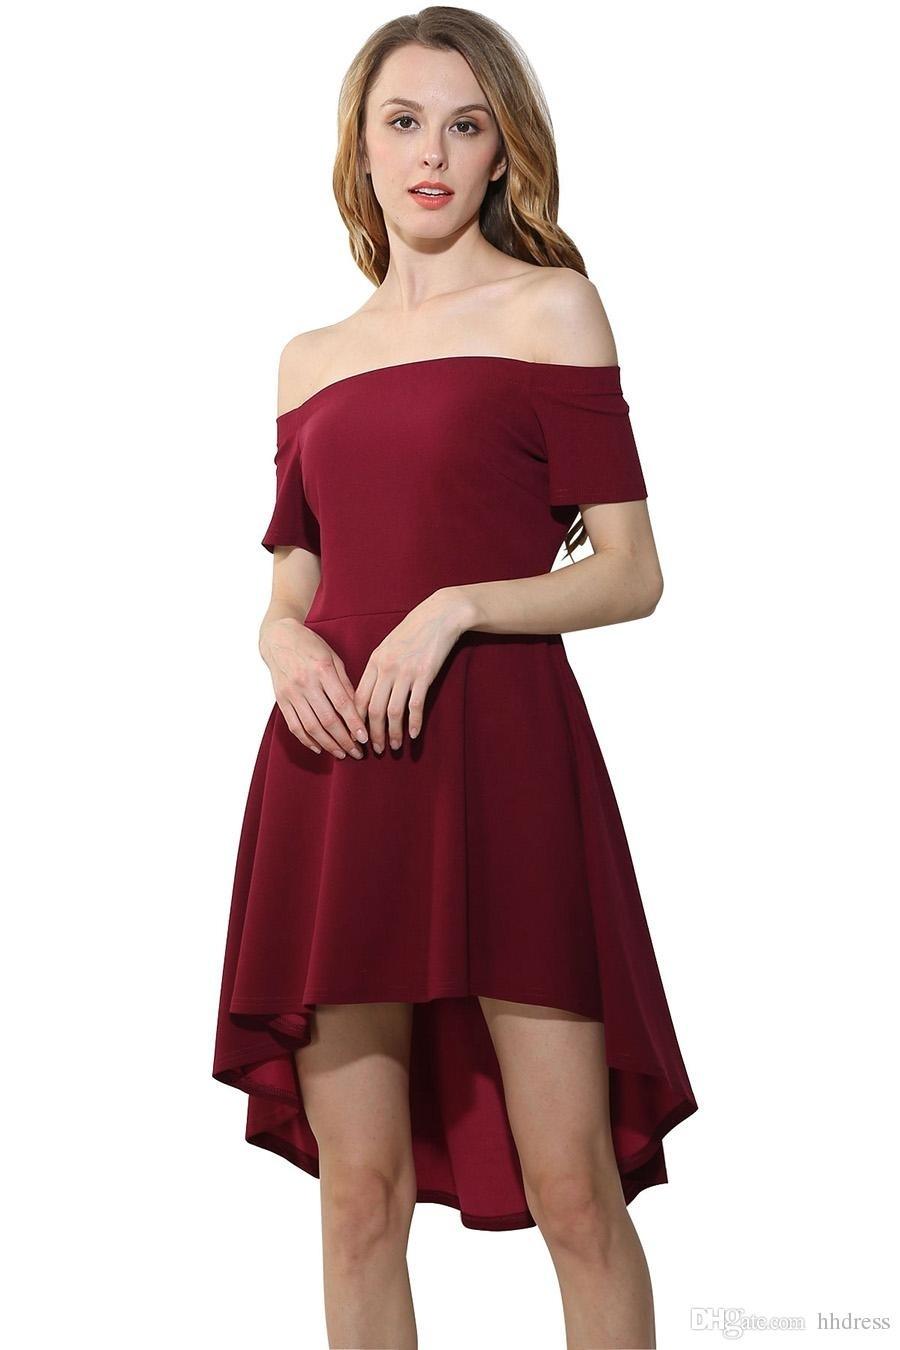 15 Schön Frauen Kleidung Boutique17 Erstaunlich Frauen Kleidung Design